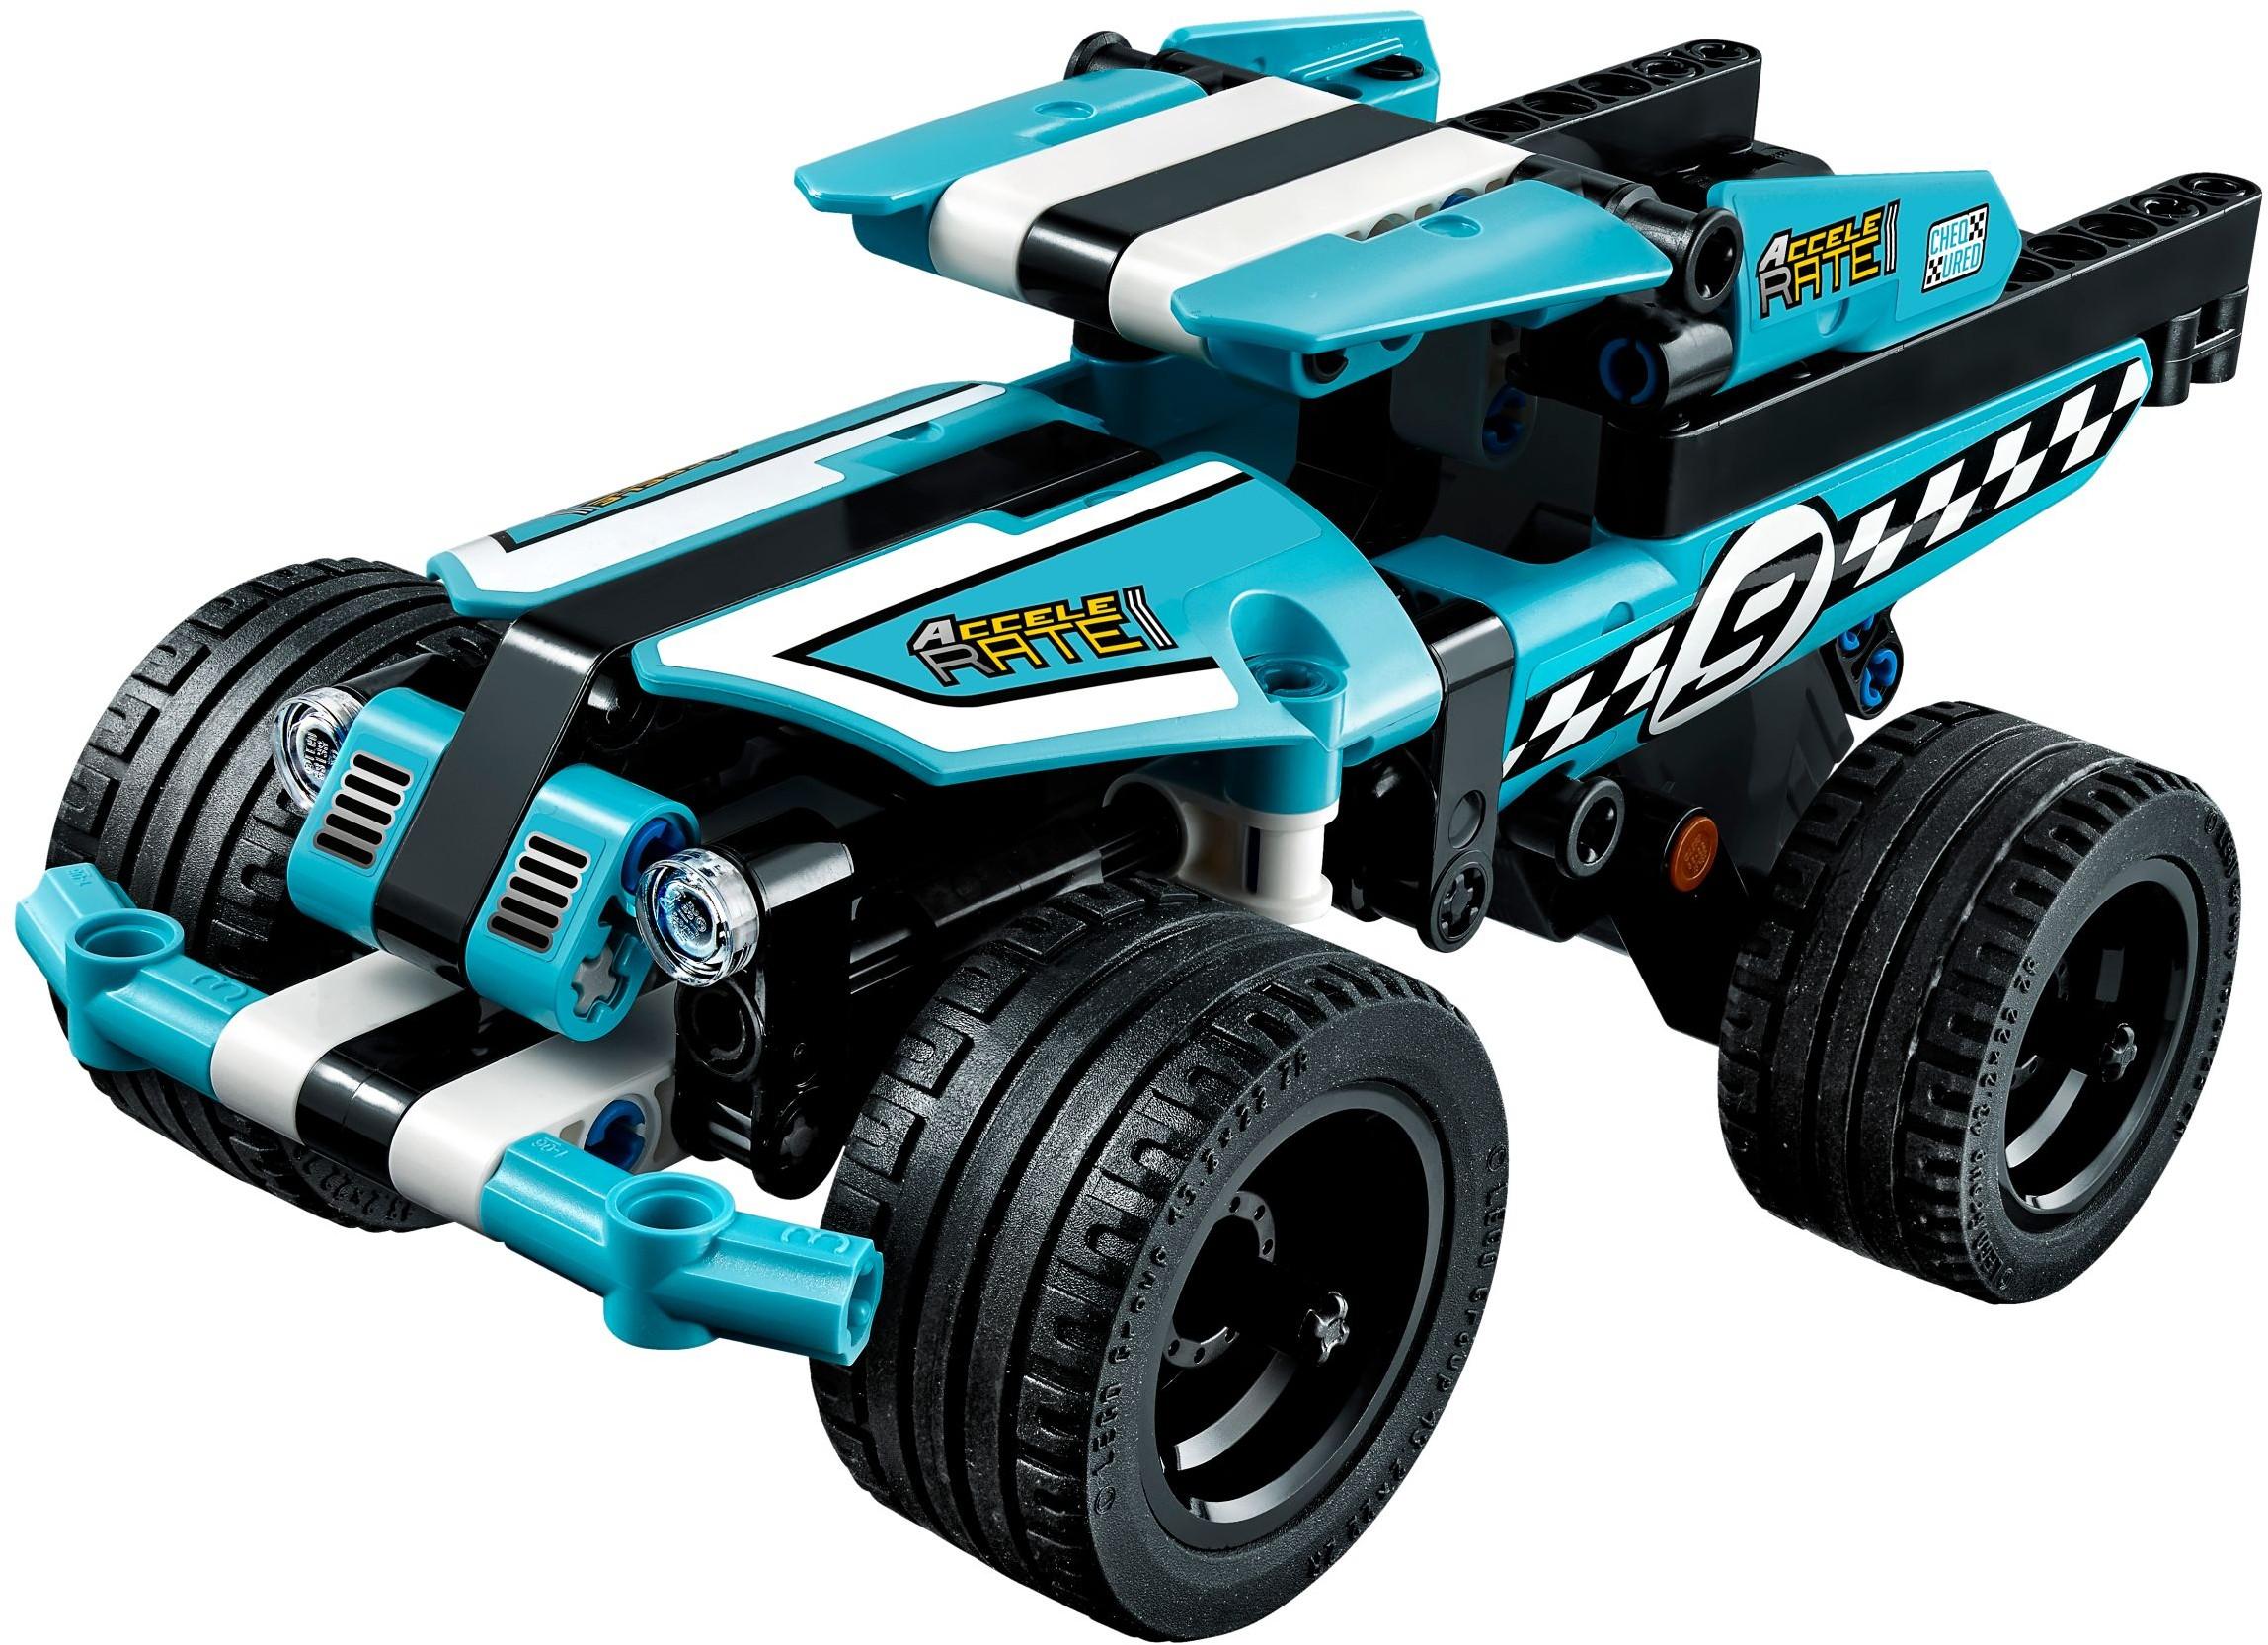 Mua đồ chơi LEGO 42059 - LEGO Technic 42059 - Xe Tải Địa Hình Biểu diễn (LEGO Technic Stunt Truck 42059)